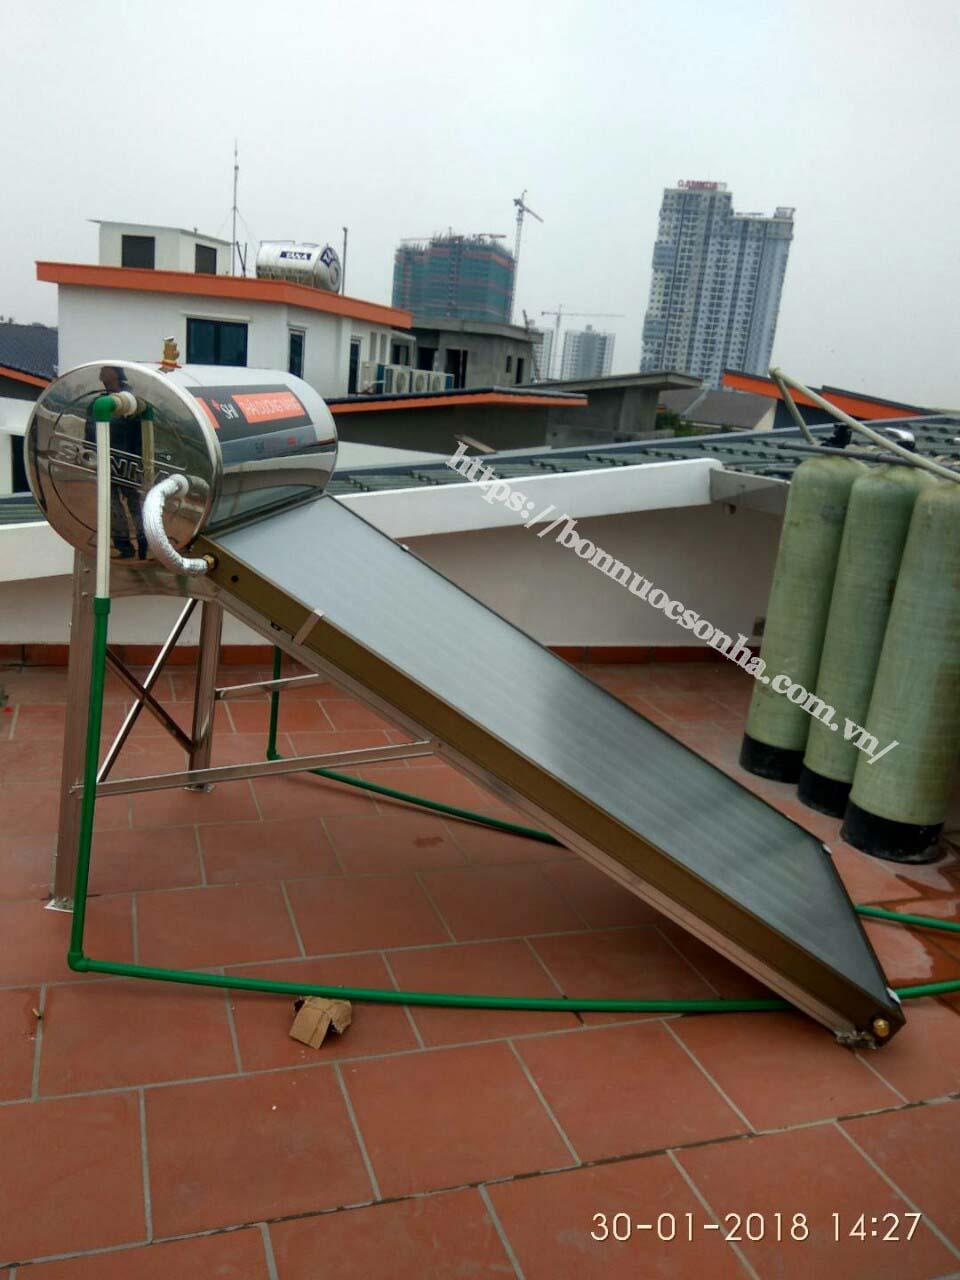 Thái Dương Năng tấm phẳng chịu áp lực 150 - FGP150